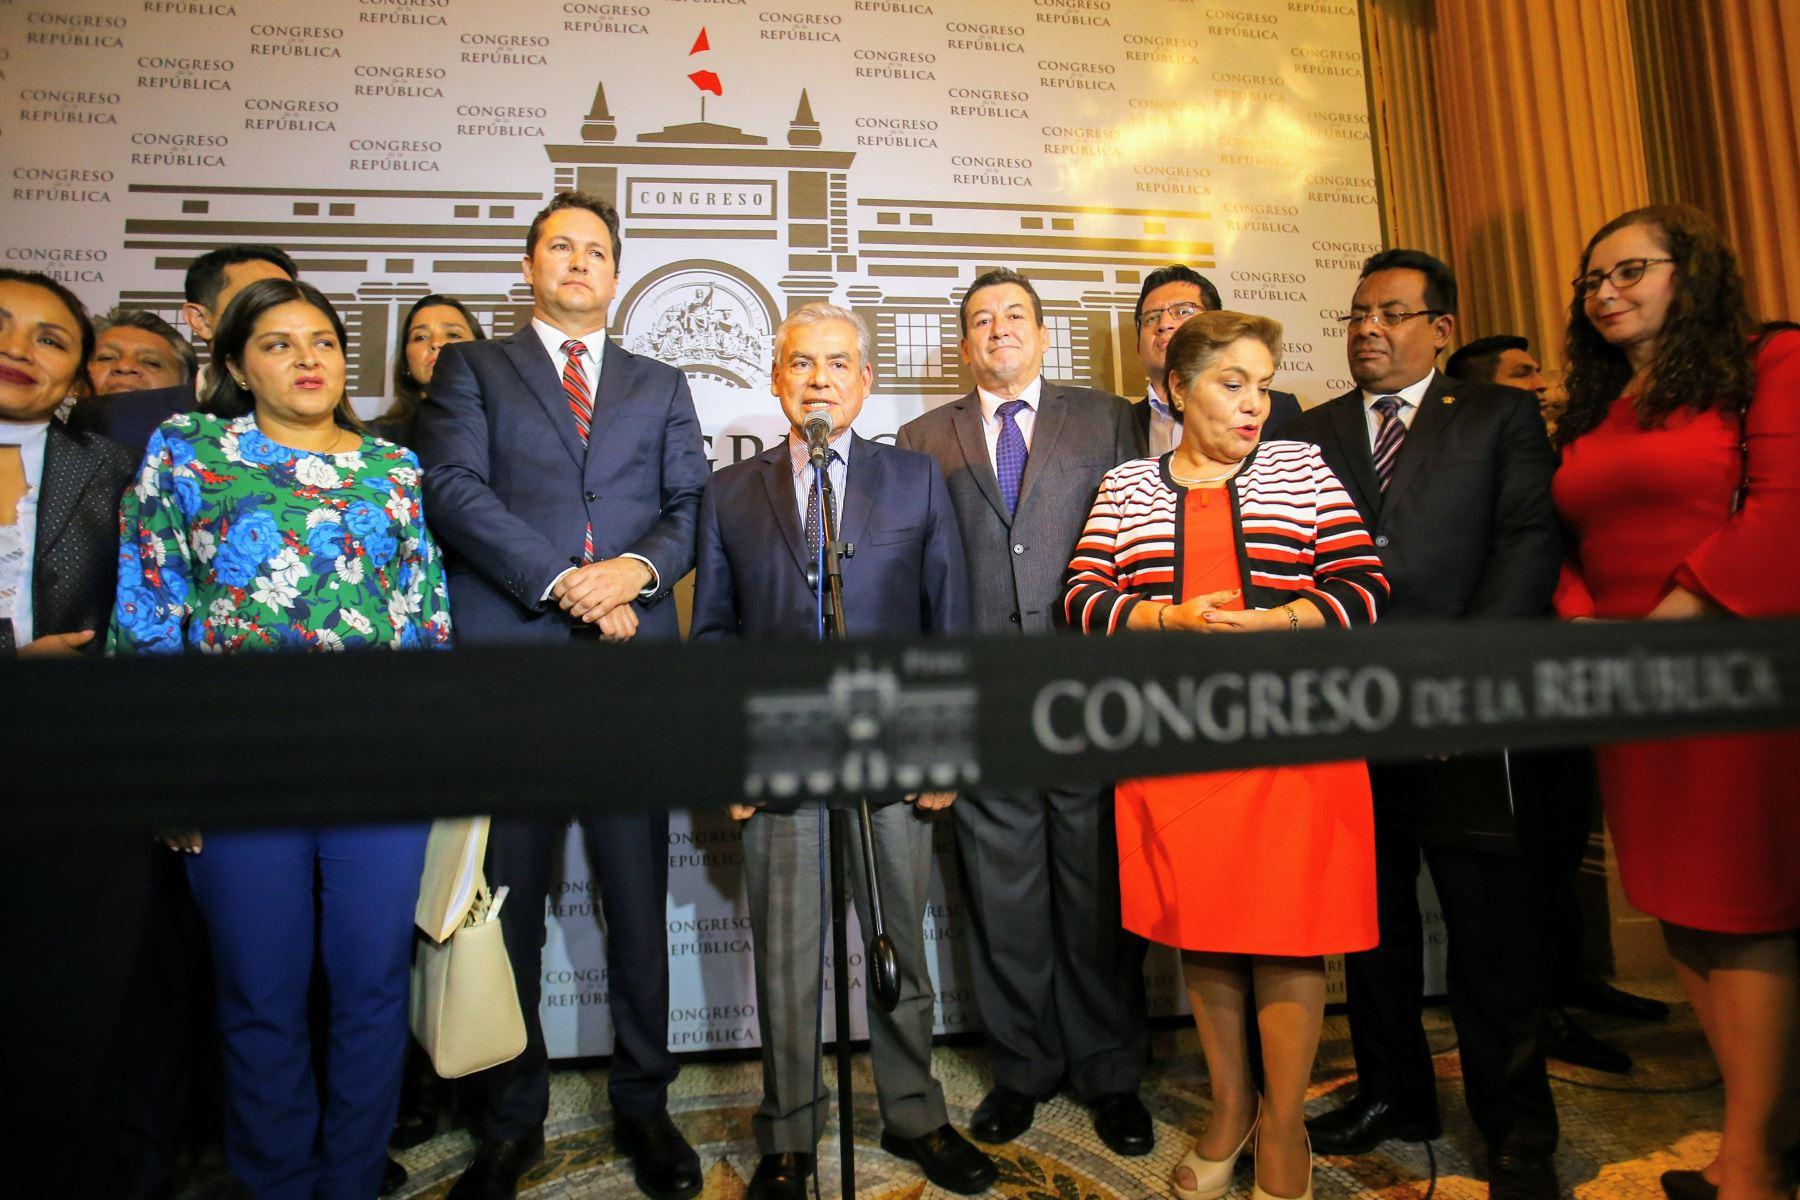 El Premier viene reuniéndose con distintas fuerzas políticas para exponer el plan de trabajo del oficialismo. Foto: ANDINA/Luis Iparraguirre